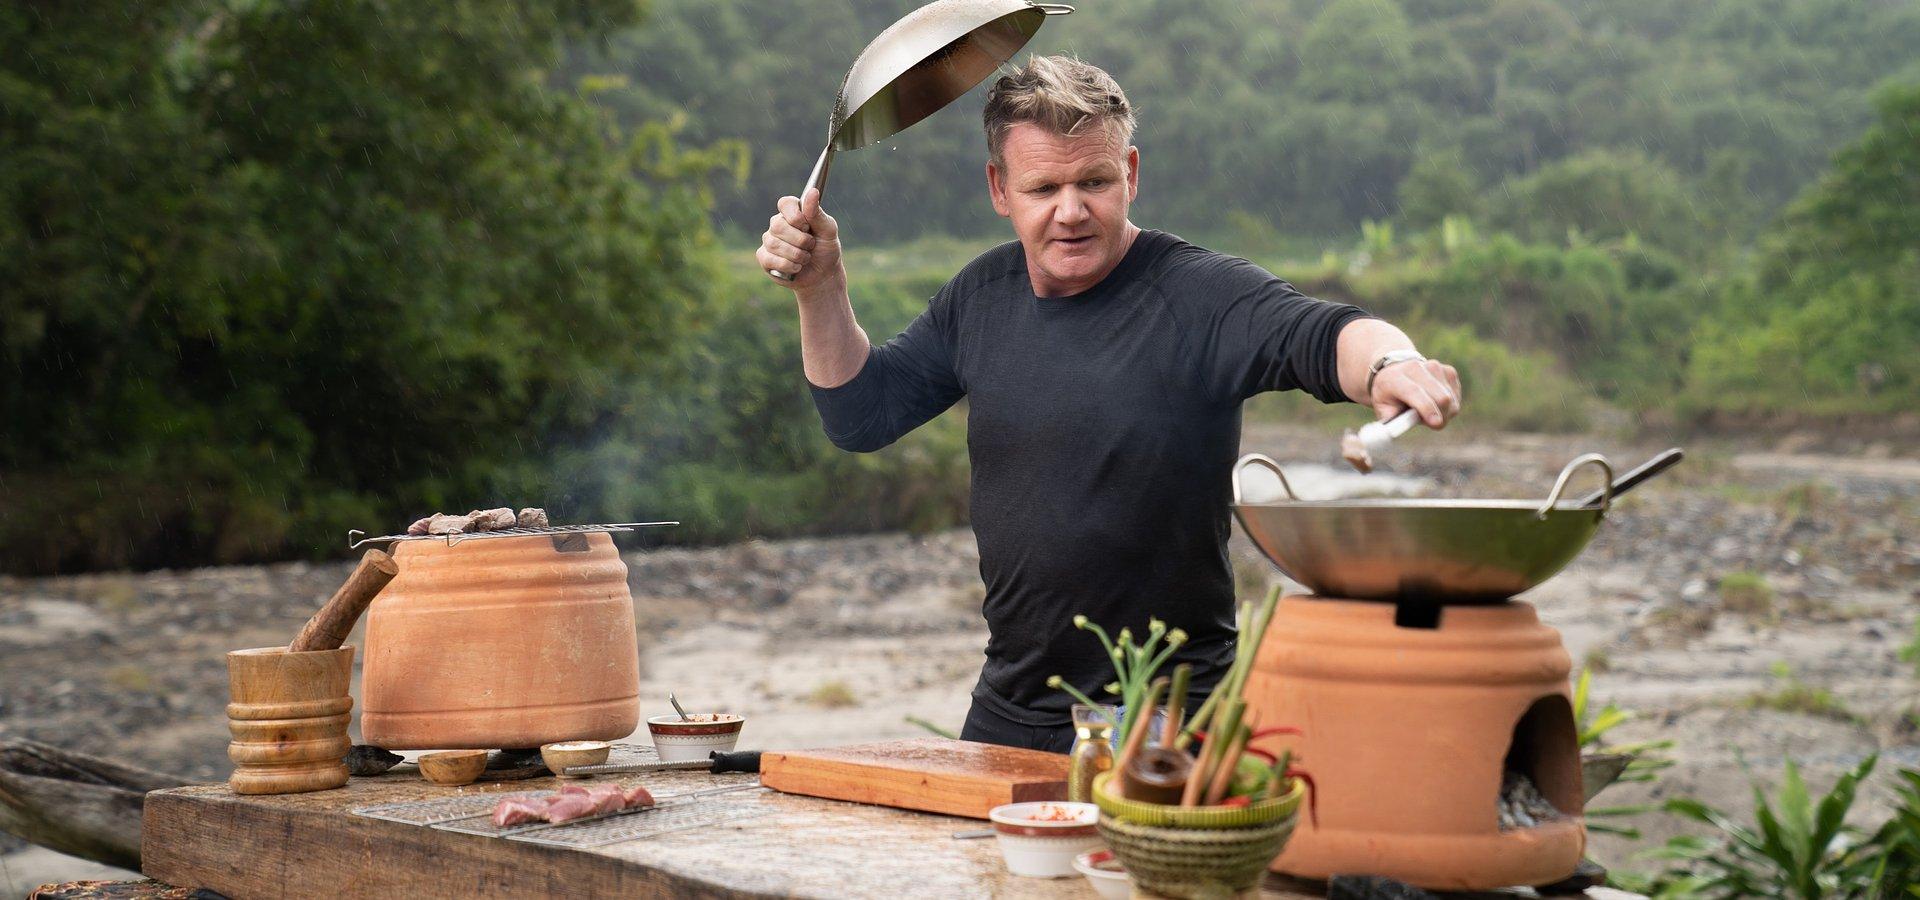 """Gordon Ramsay głodny kolejnych wypraw – premiera 2. sezonu serii """"Gordon Ramsay: świat na talerzu""""w National Geographic"""